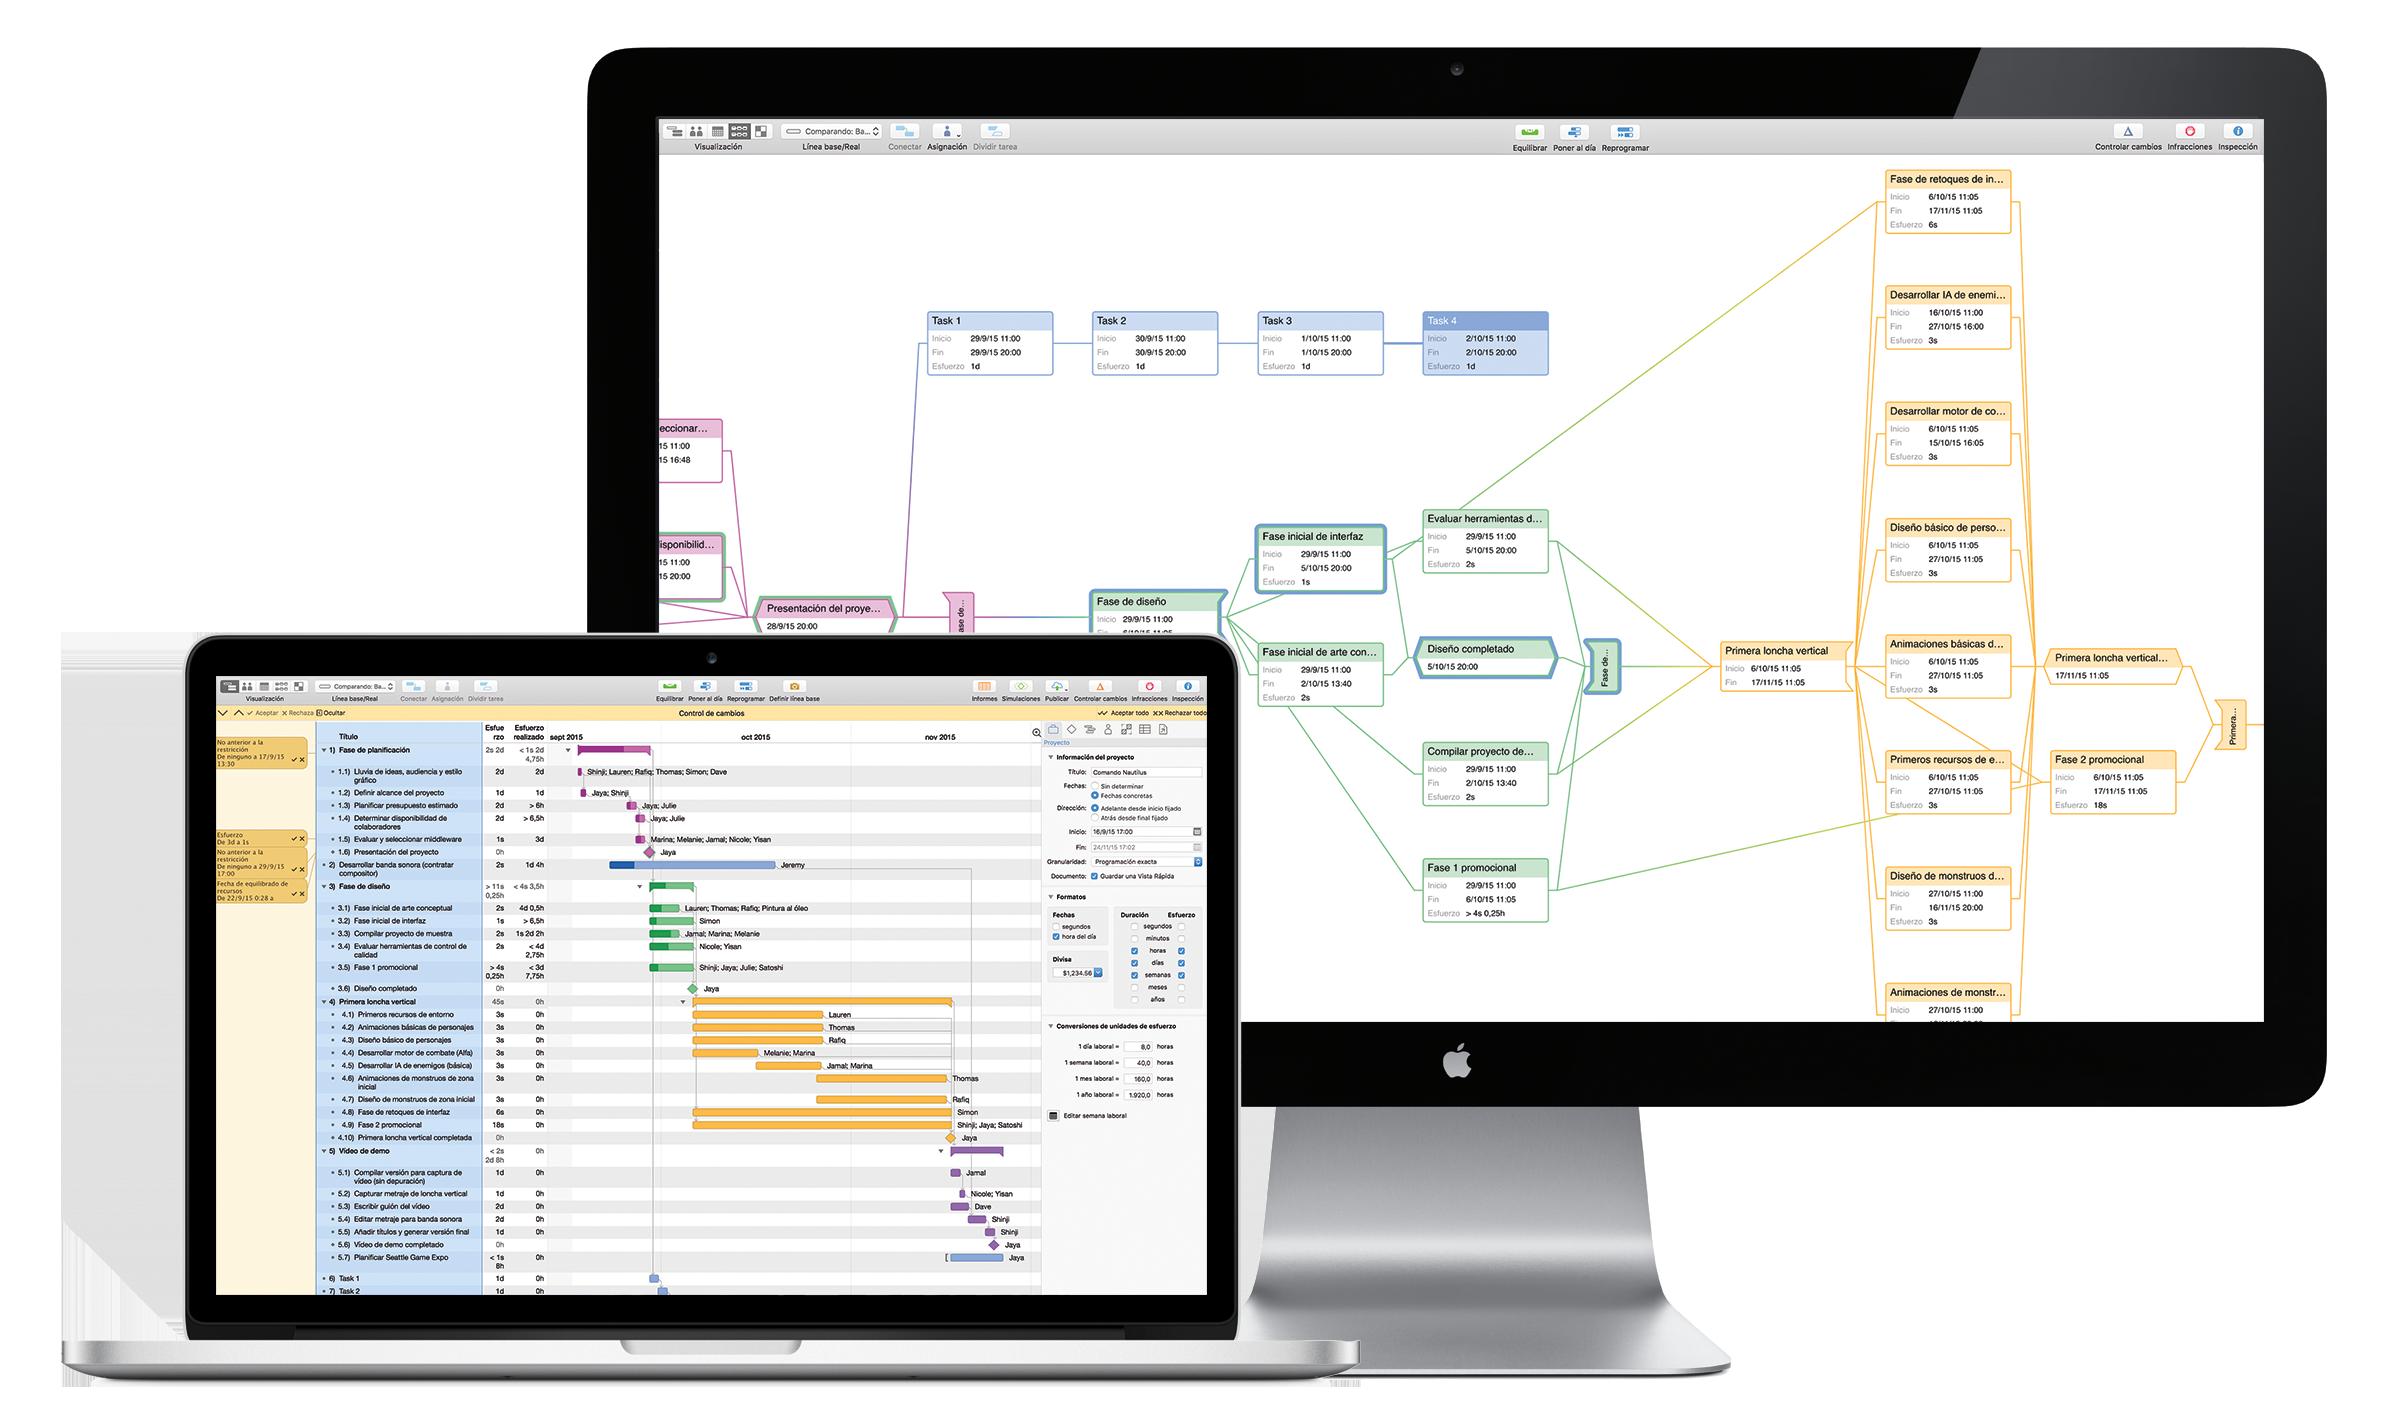 Manual del usuario de OmniPlan 3 para Mac — Introducción